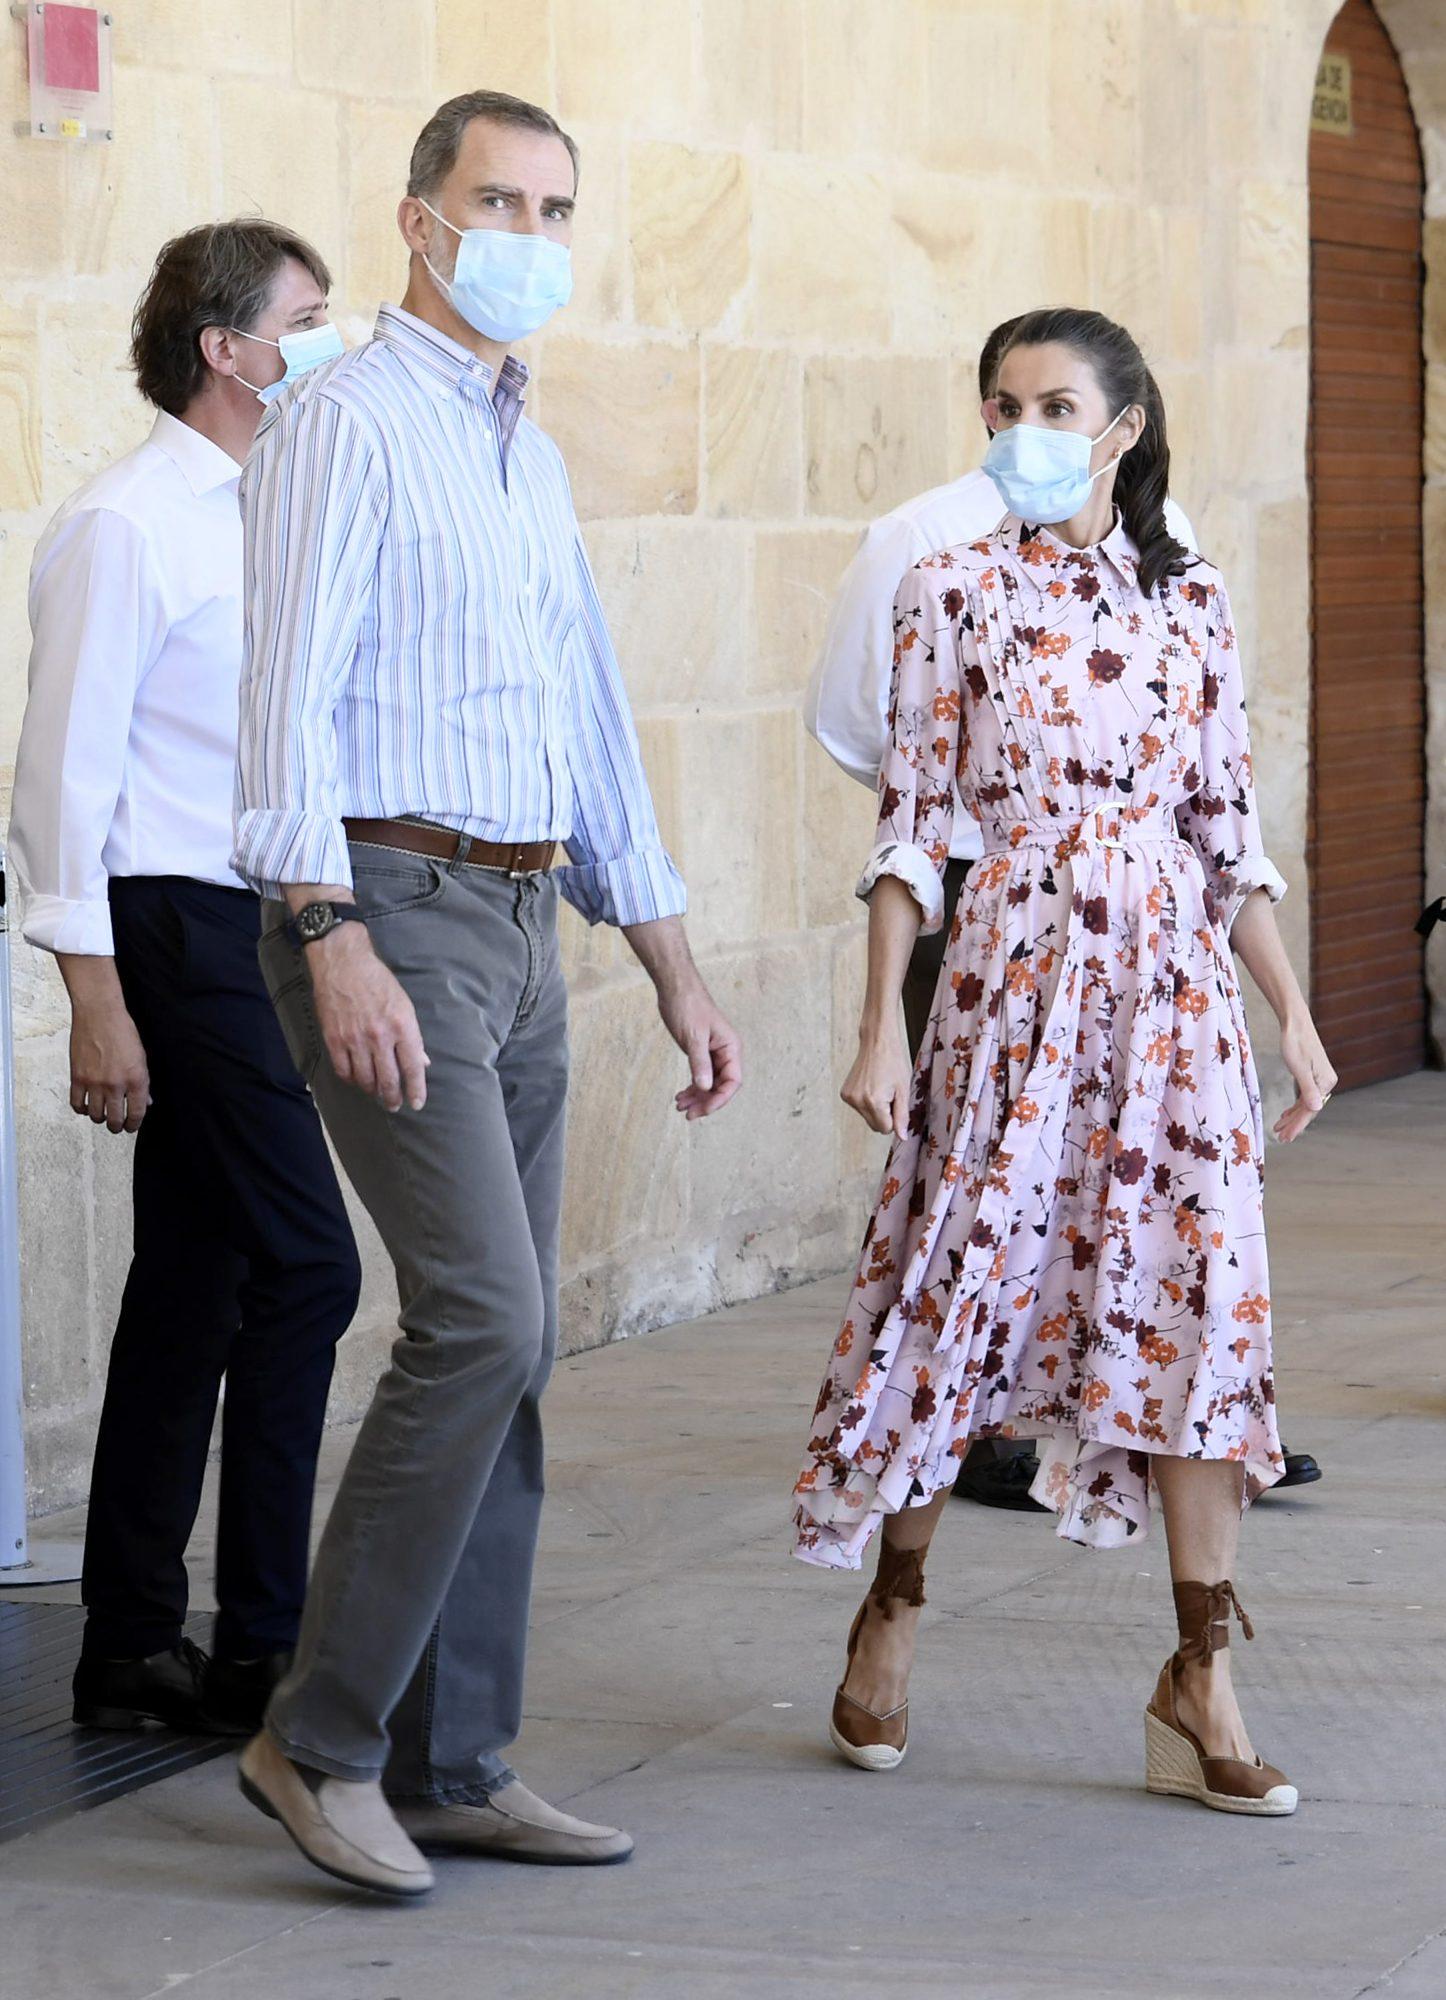 Una de las claves de su estilo este verano han sido los vestidos con estampado de flores. Este con falda plisada y cinturón es de Hugo Boss, otra de sus marcas más repetidas.